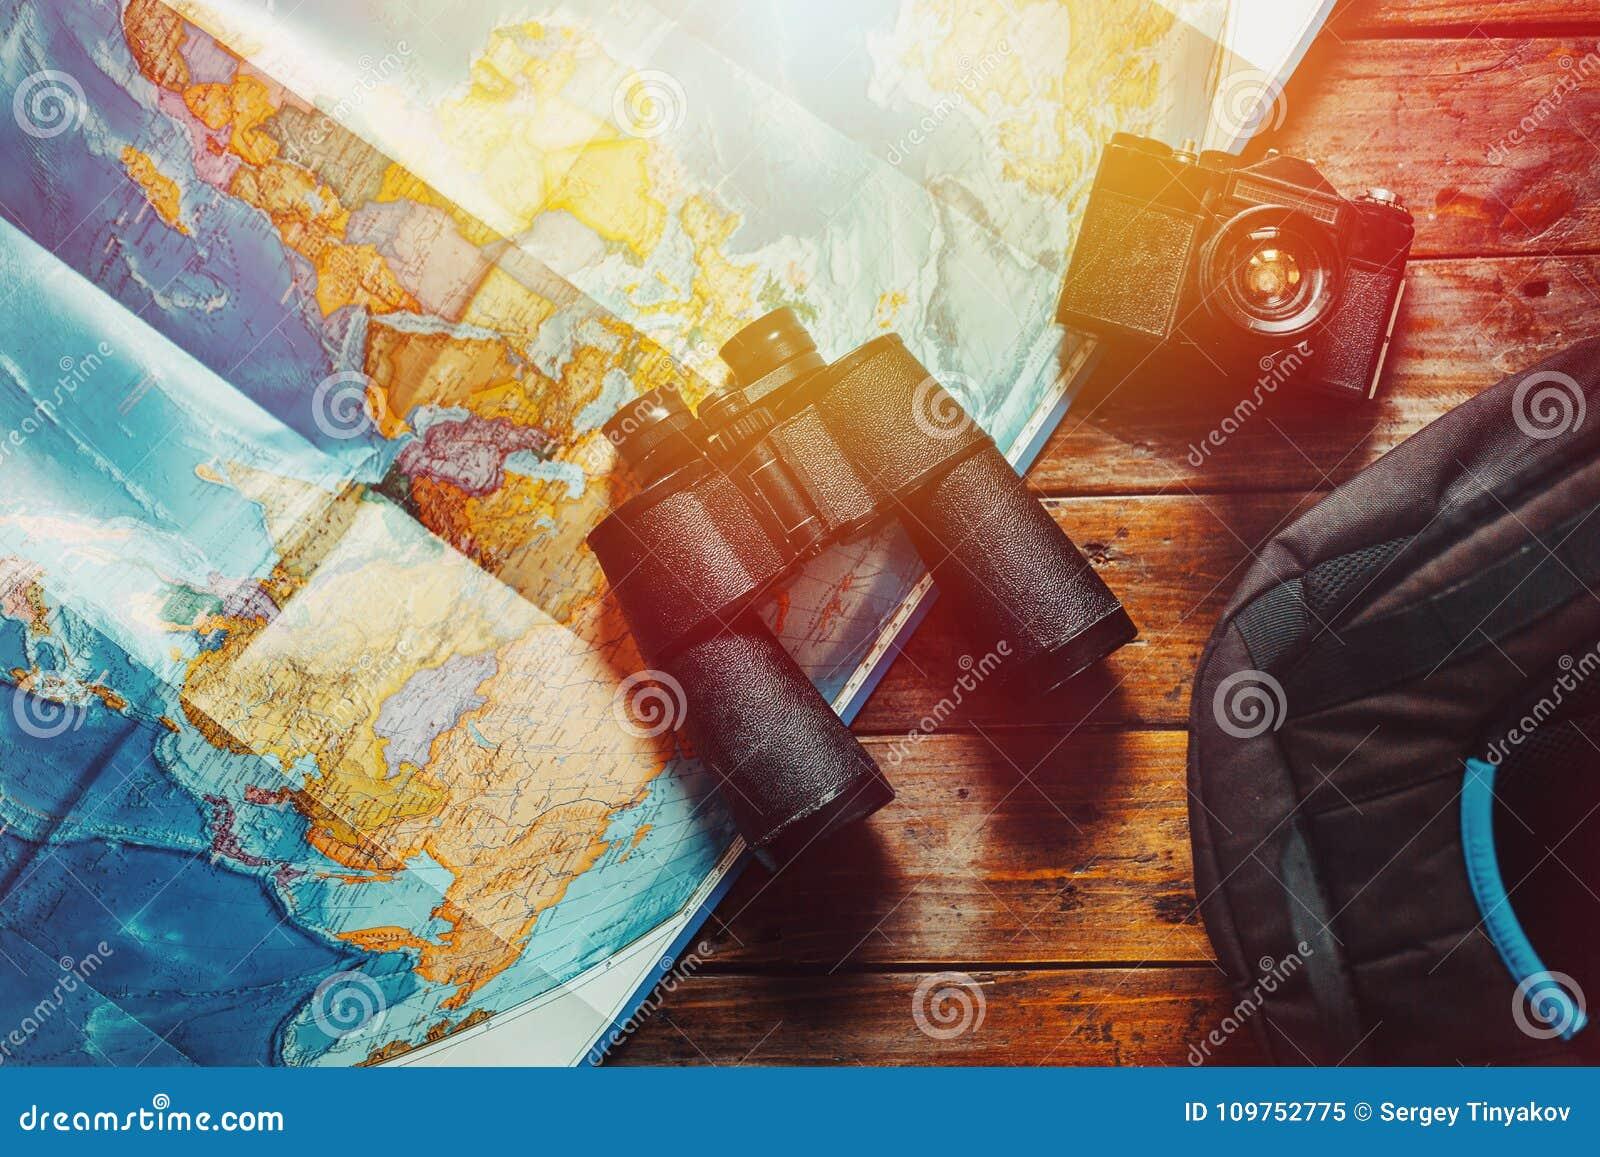 冒险发现侦察员旅途概念 减速火箭的影片照相机、地图、背包和双筒望远镜在木表,顶视图上